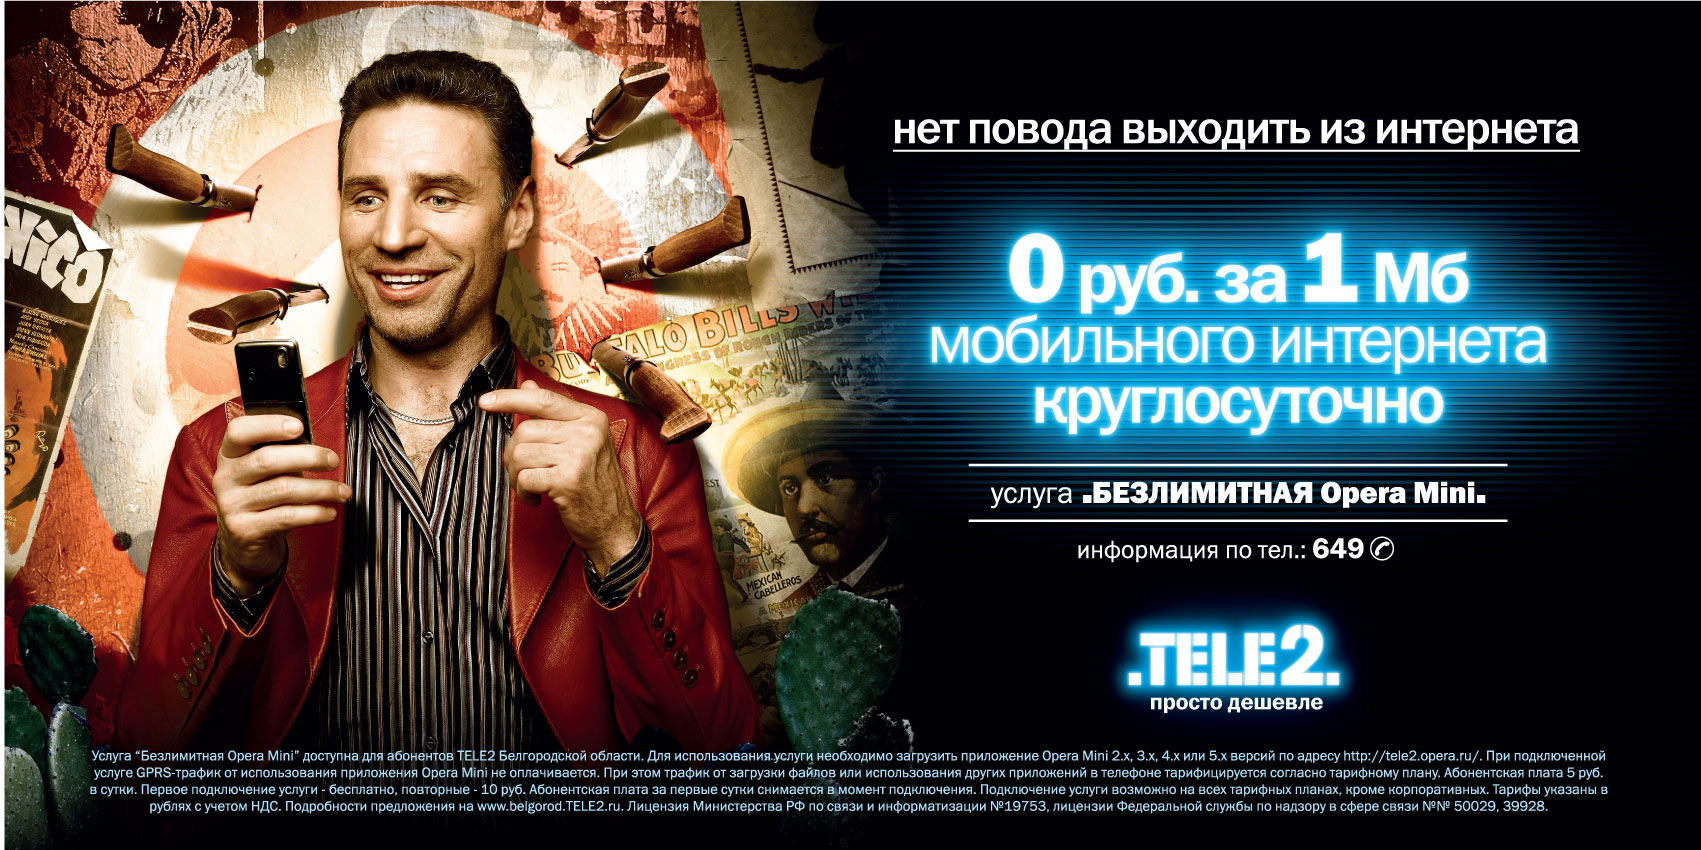 Реклама про мобильный интернет